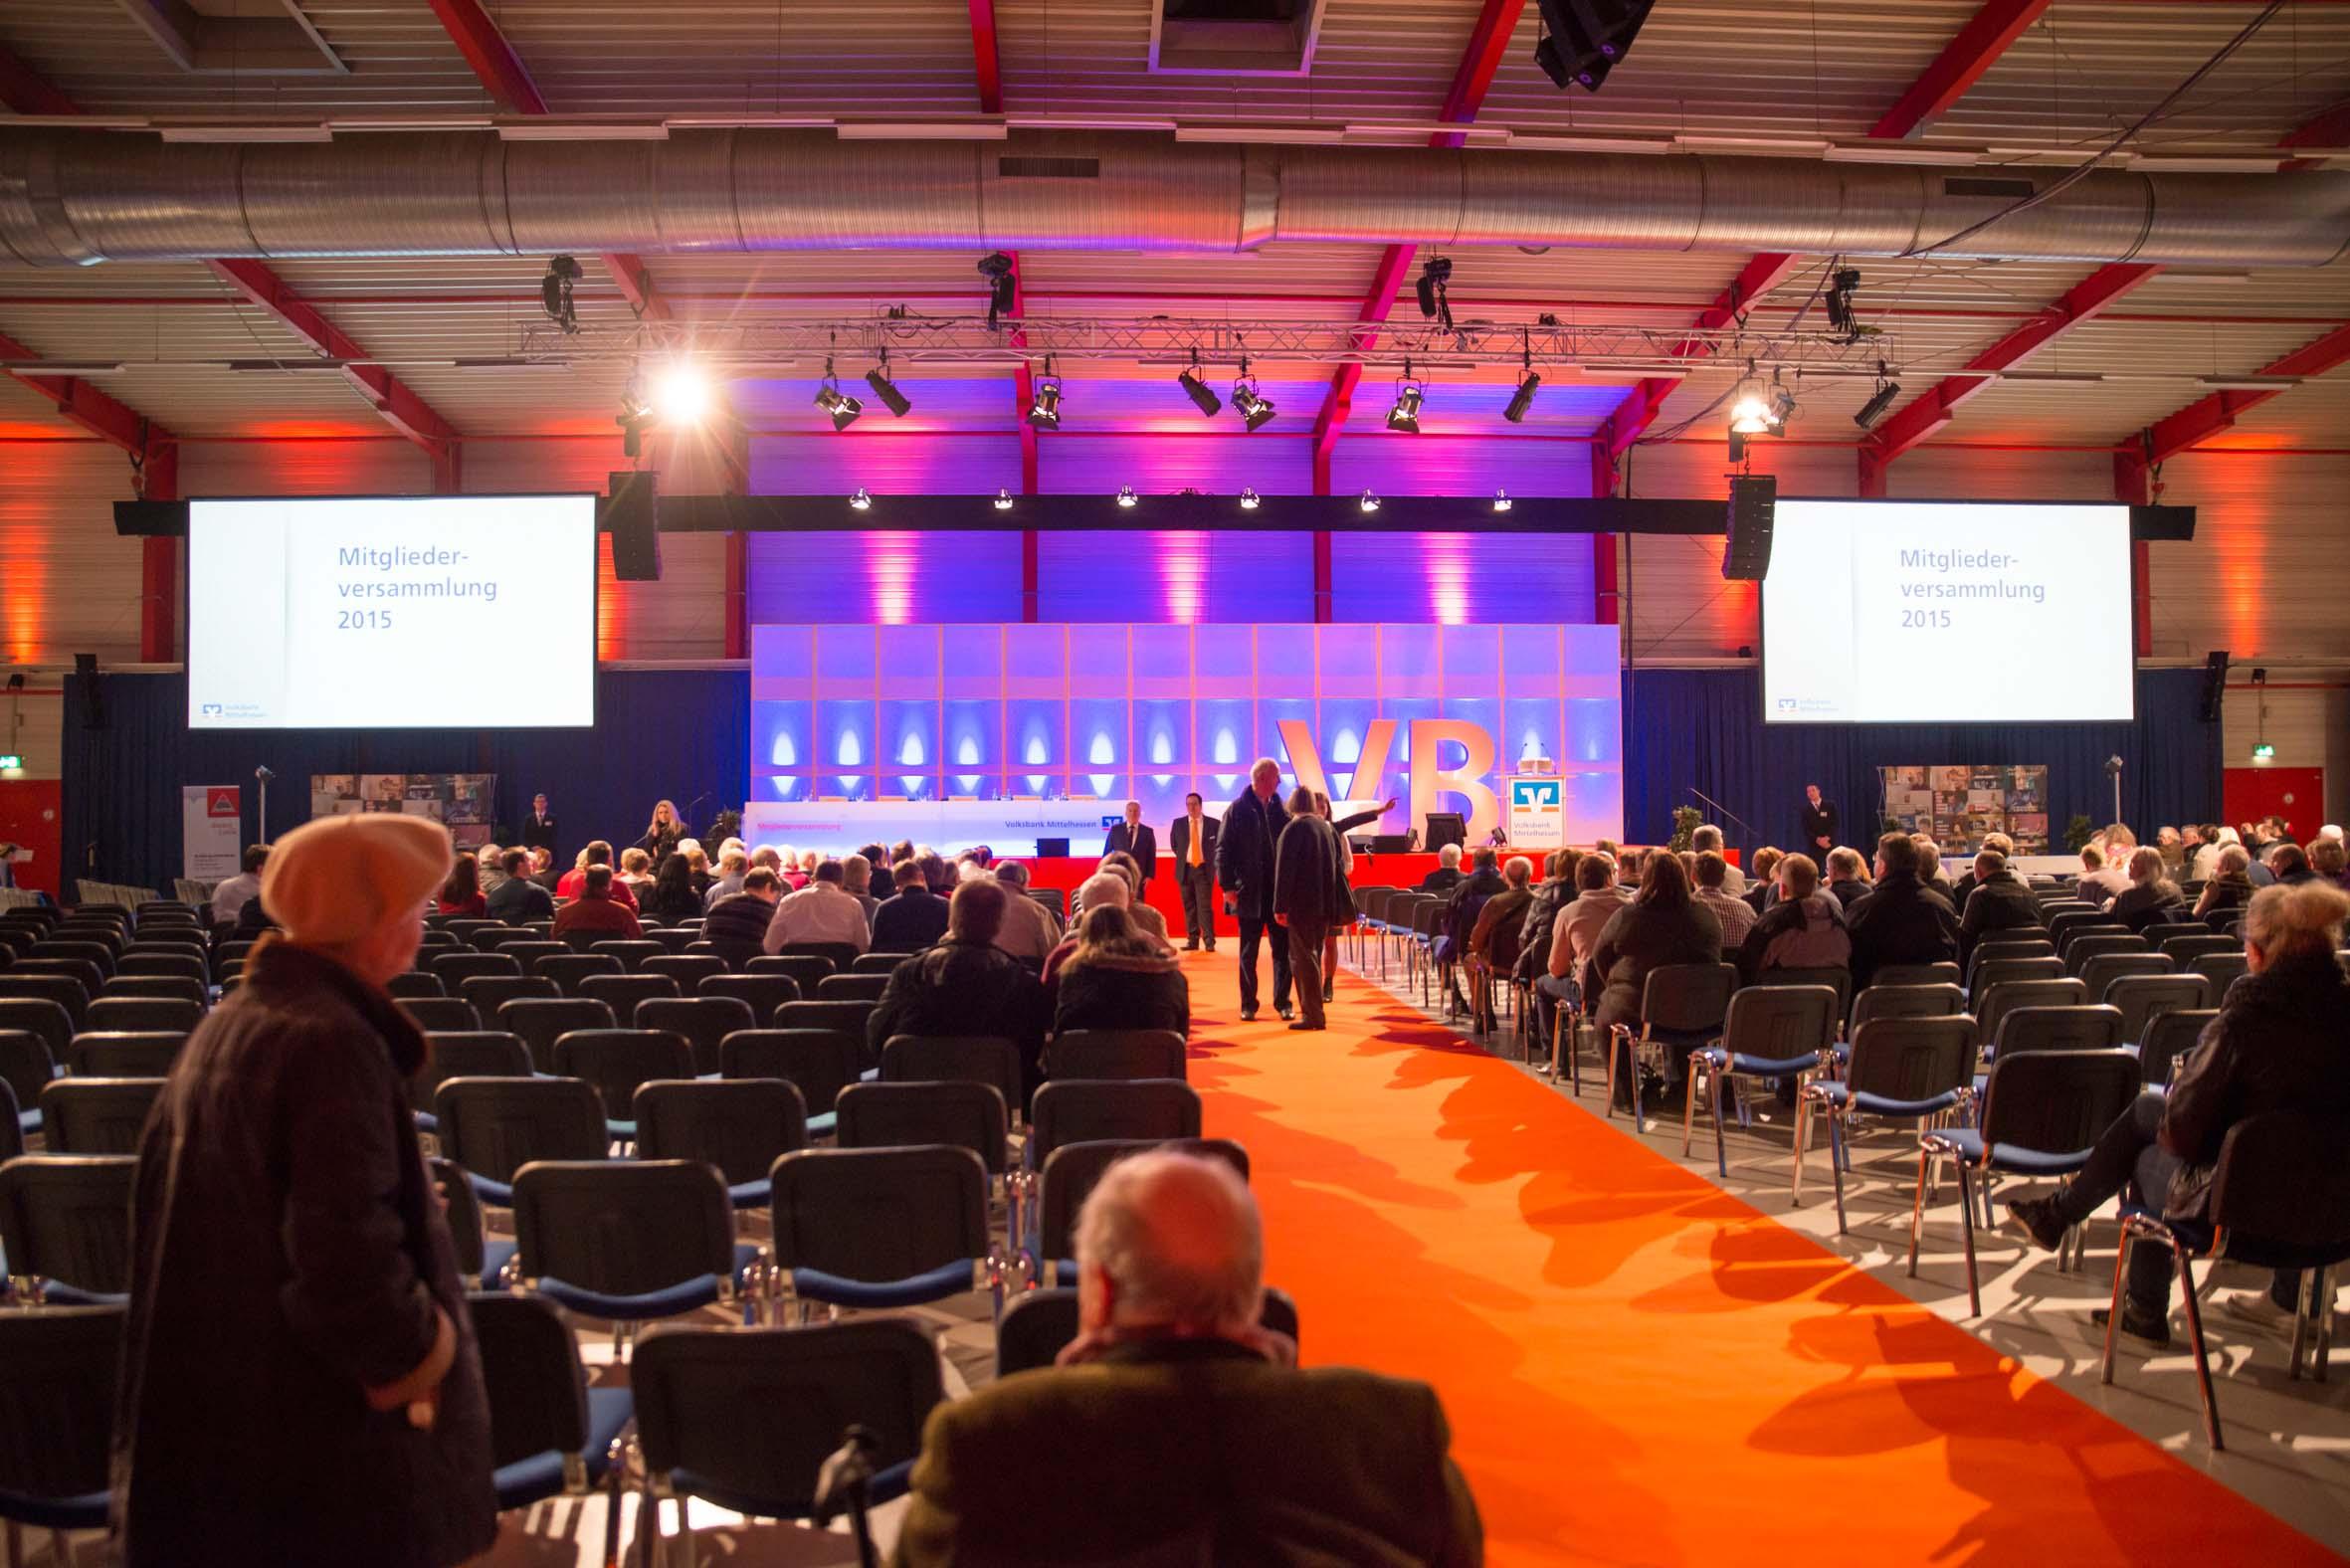 Bildergalerie Mitgliederversammlung 2015 in Gießen, Bild 8